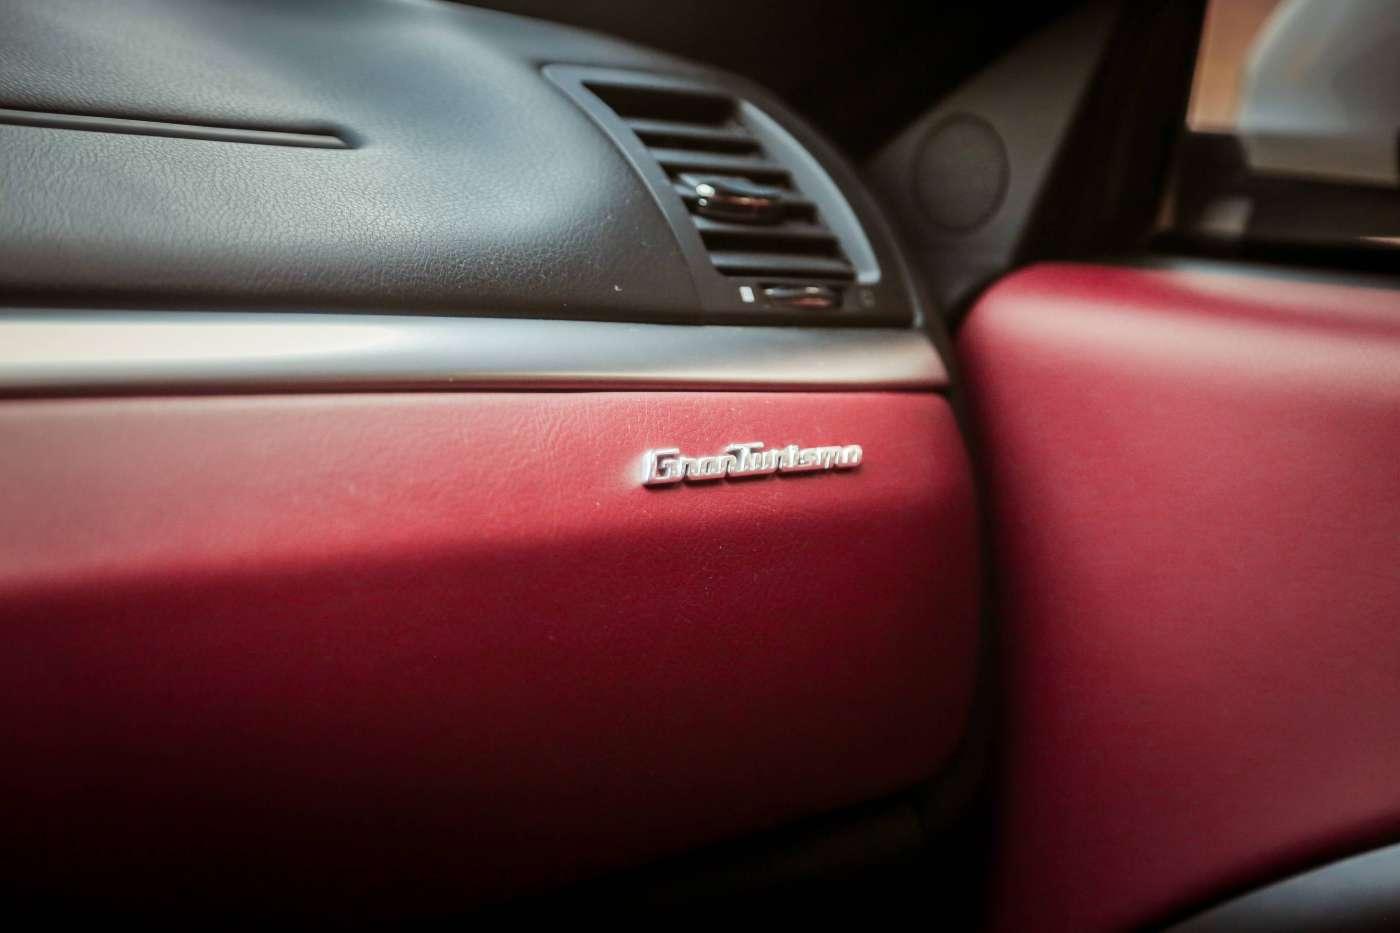 2015年01月 玛莎拉蒂 GranTurismo 2007款 4.2L 标准版  甄选玛莎拉蒂-北京卡斯基汽车服务有限公司